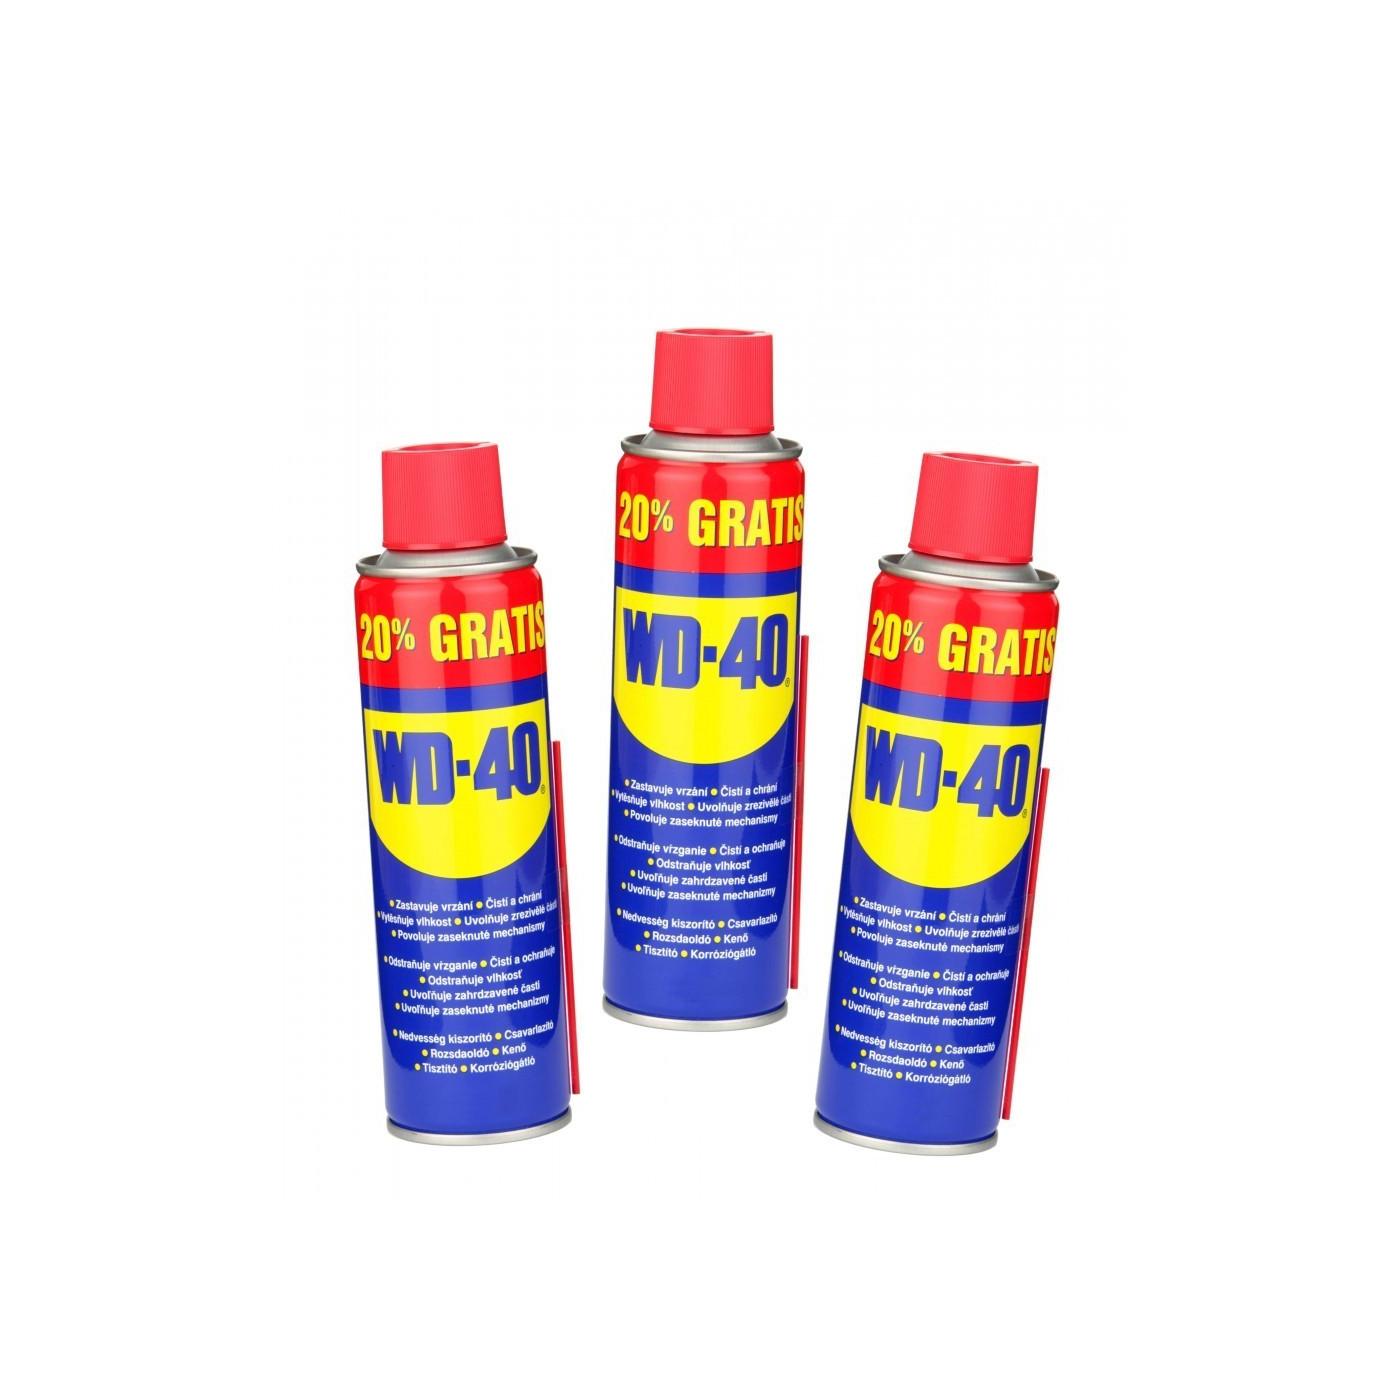 Lot de 3 bidons WD-40 (480 ml, produit multi-usage en bidon)